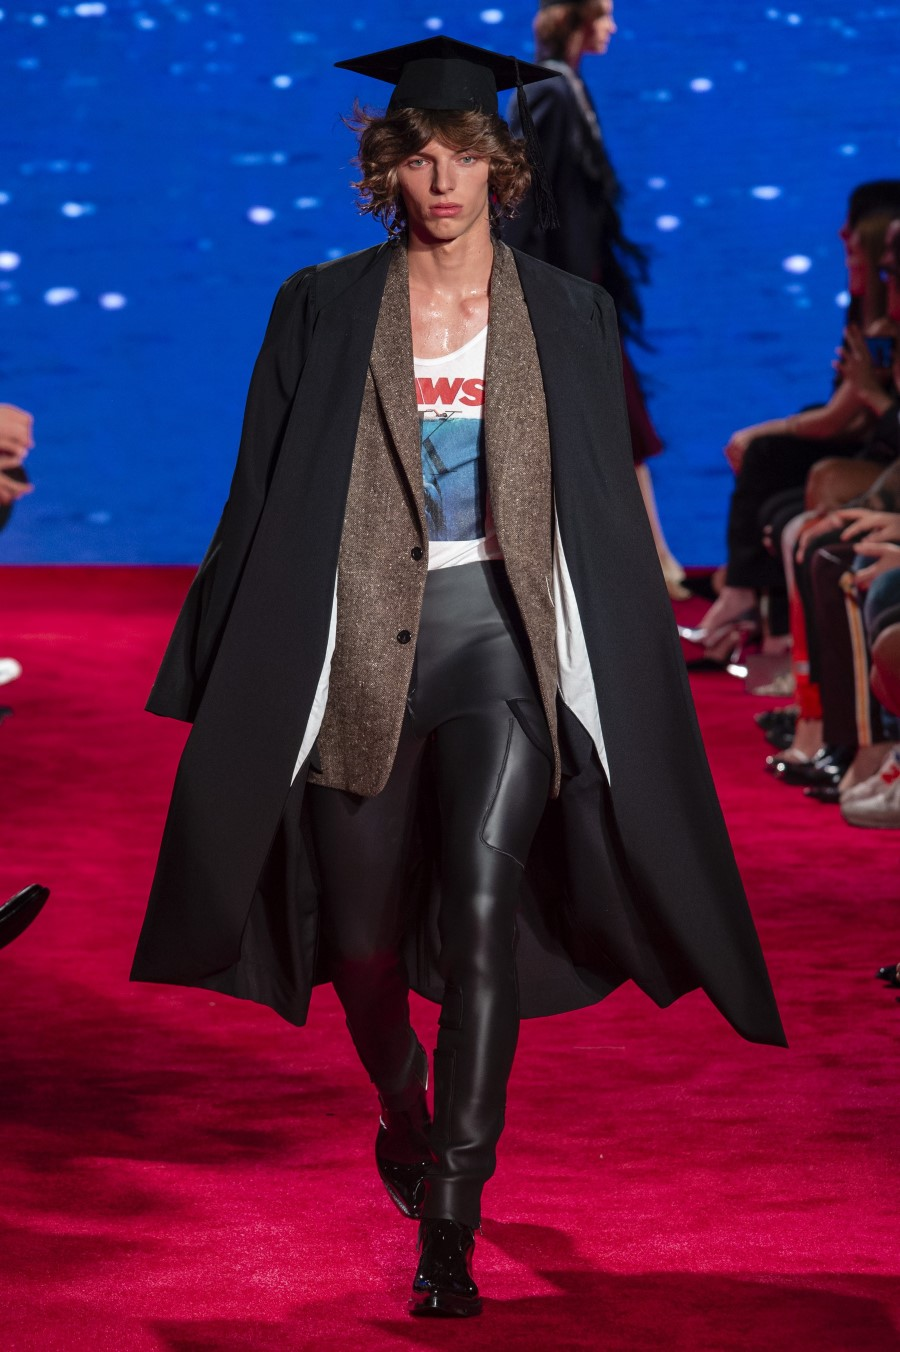 Calvin Klein 205W39NYC Printemps-Eté 2019 - New York Fashion Week